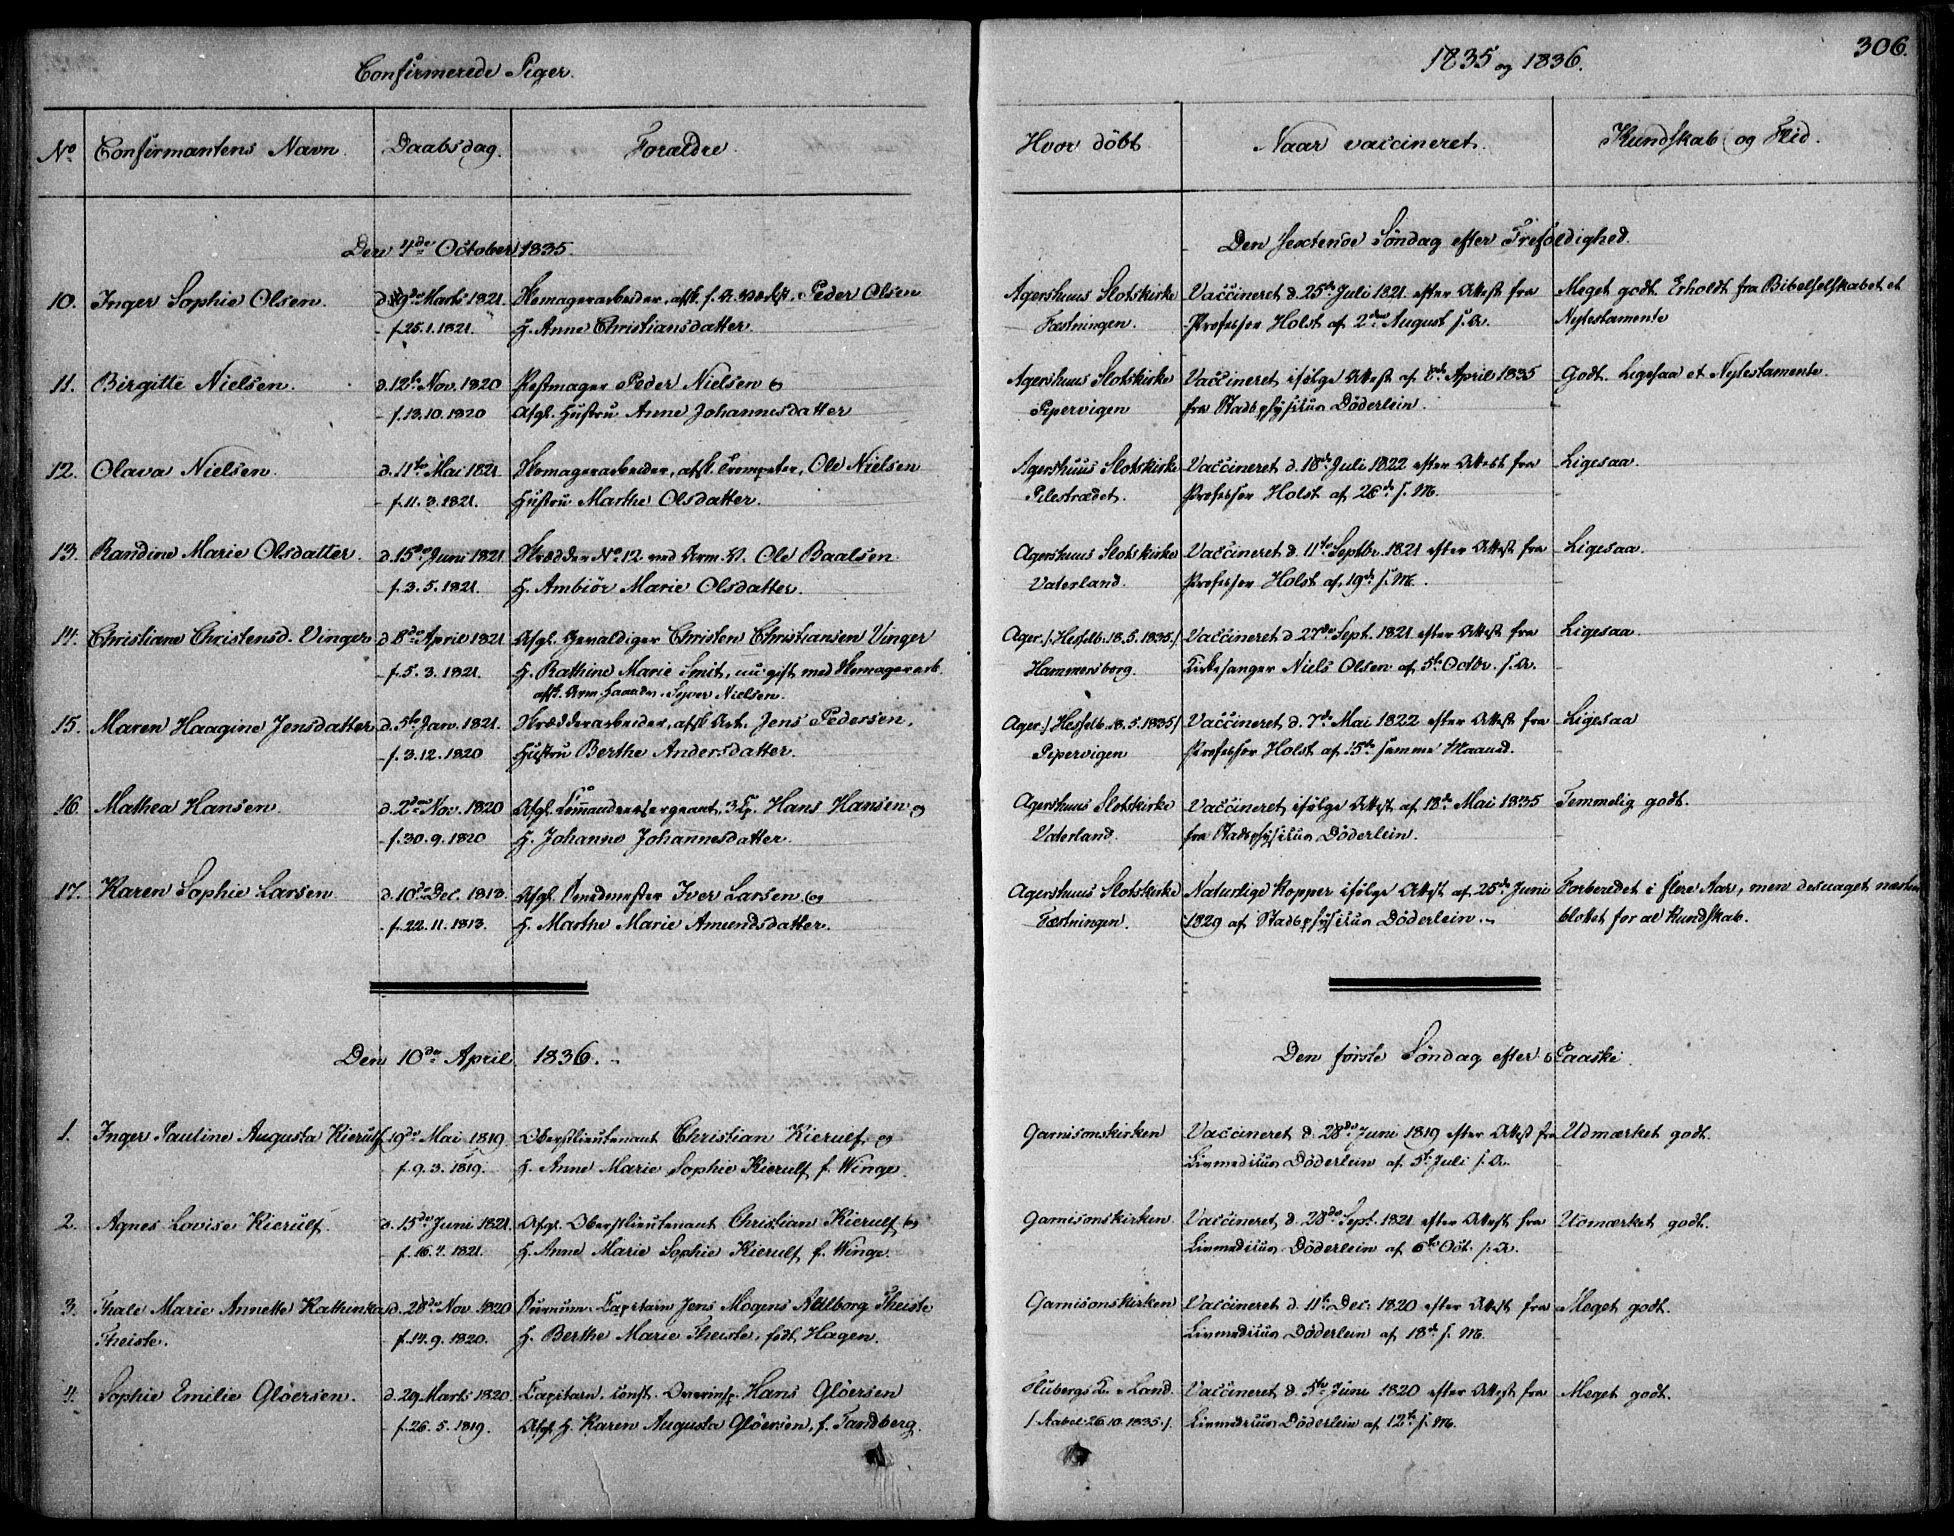 SAO, Garnisonsmenigheten Kirkebøker, F/Fa/L0006: Ministerialbok nr. 6, 1828-1841, s. 306